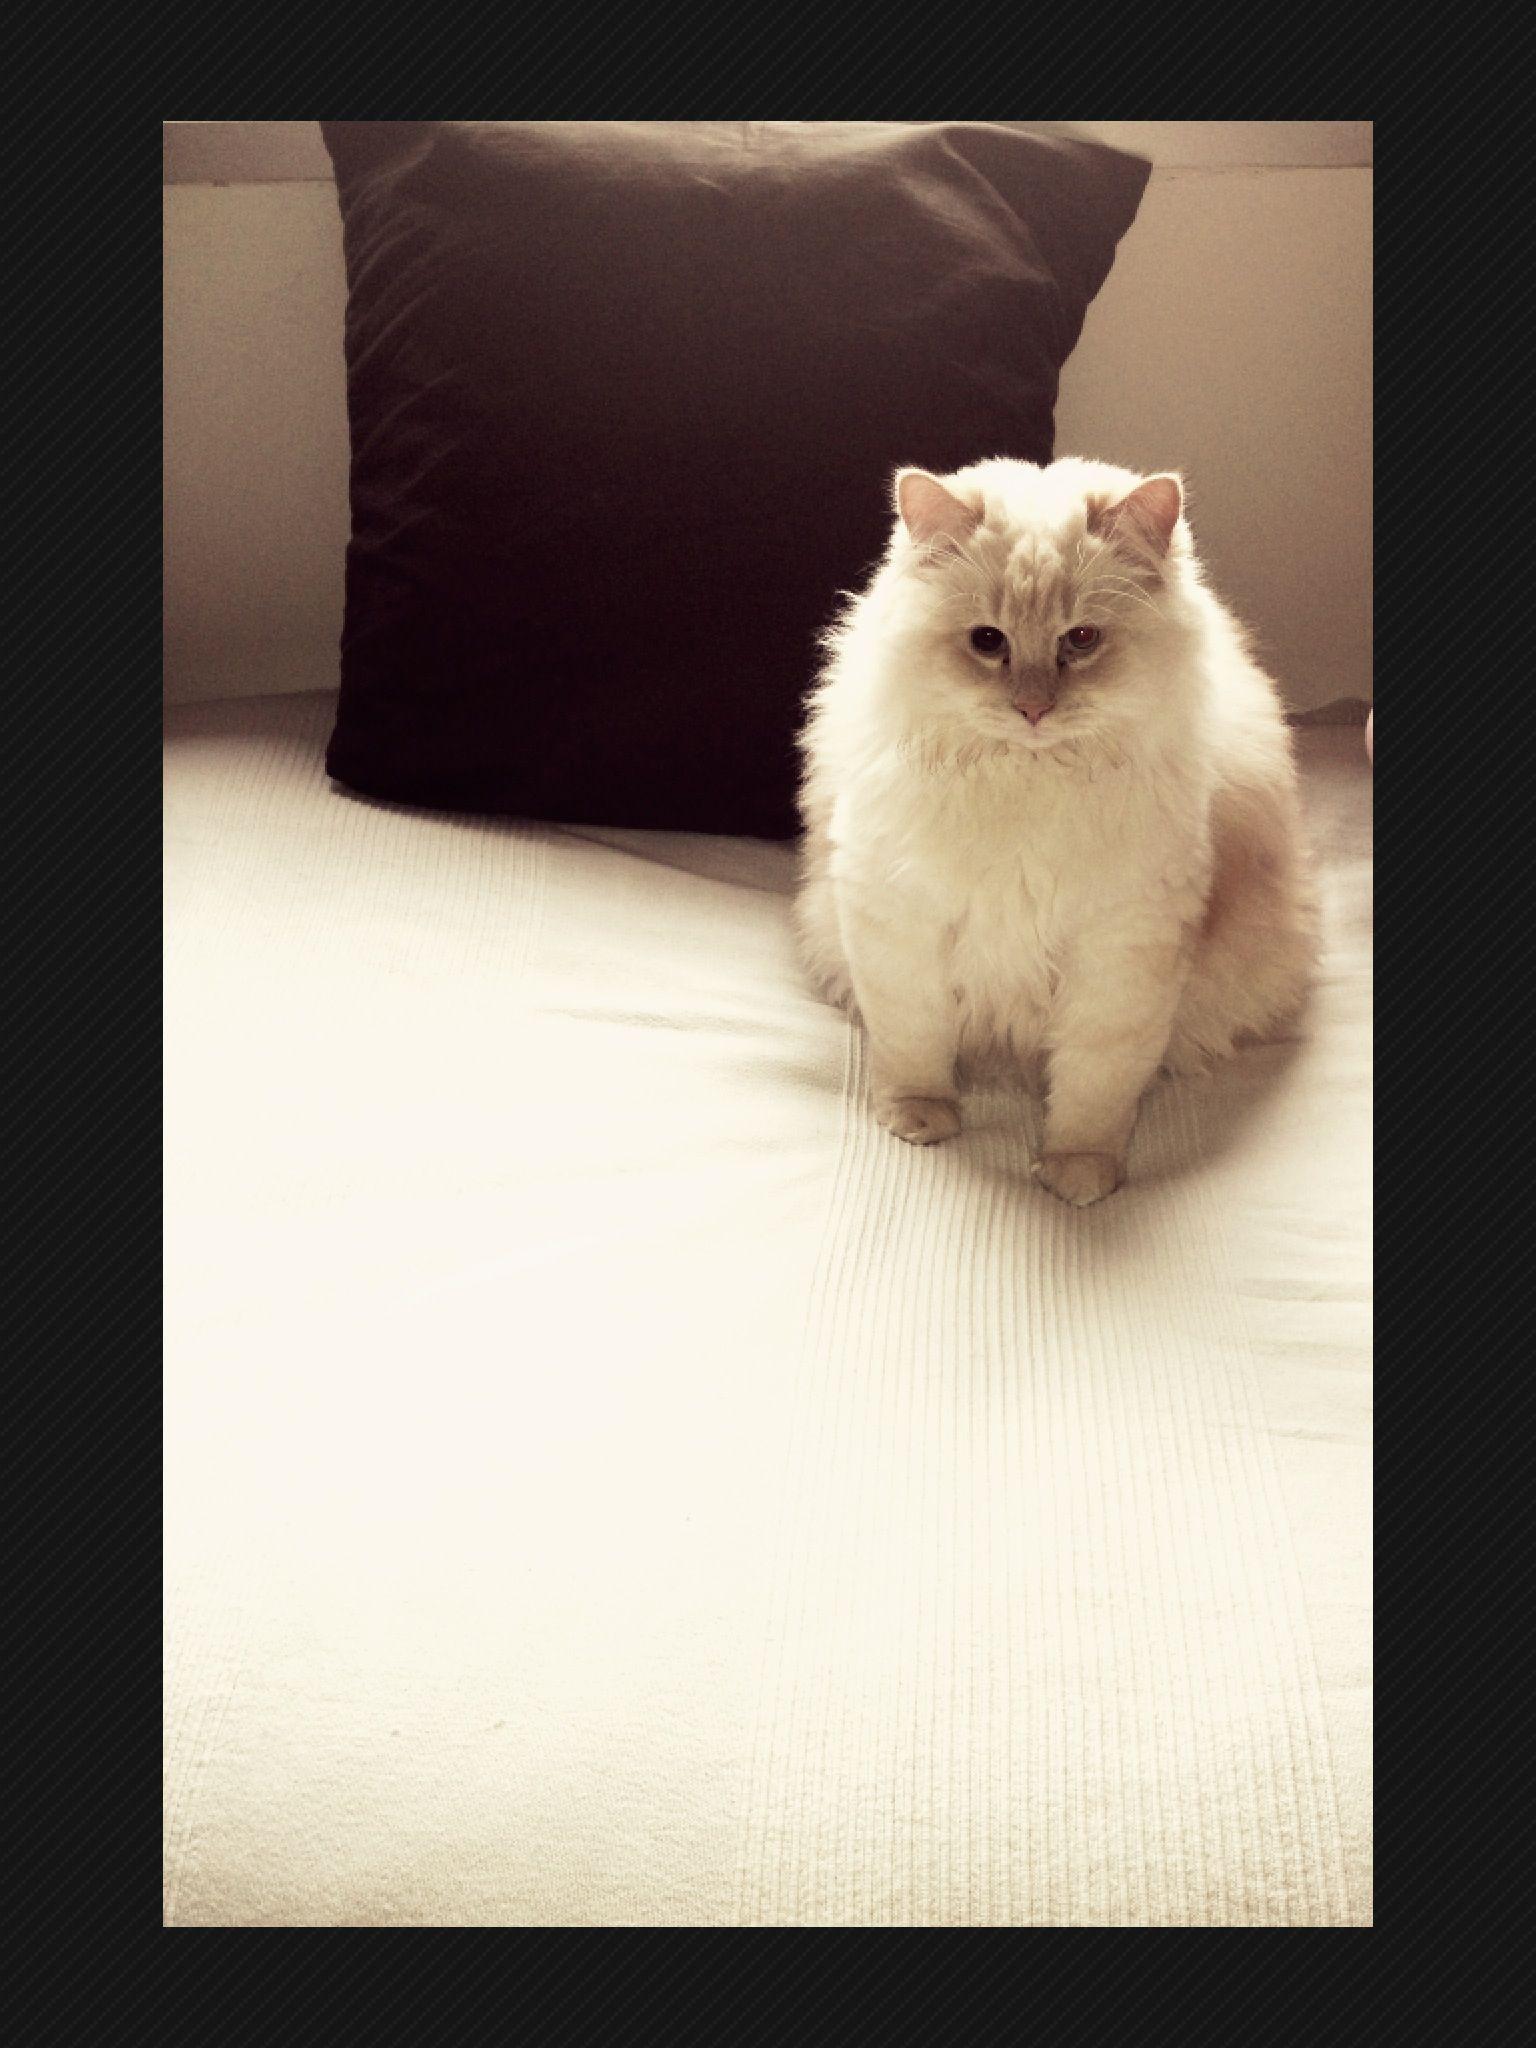 yeahh soy el rey de los gatos!!